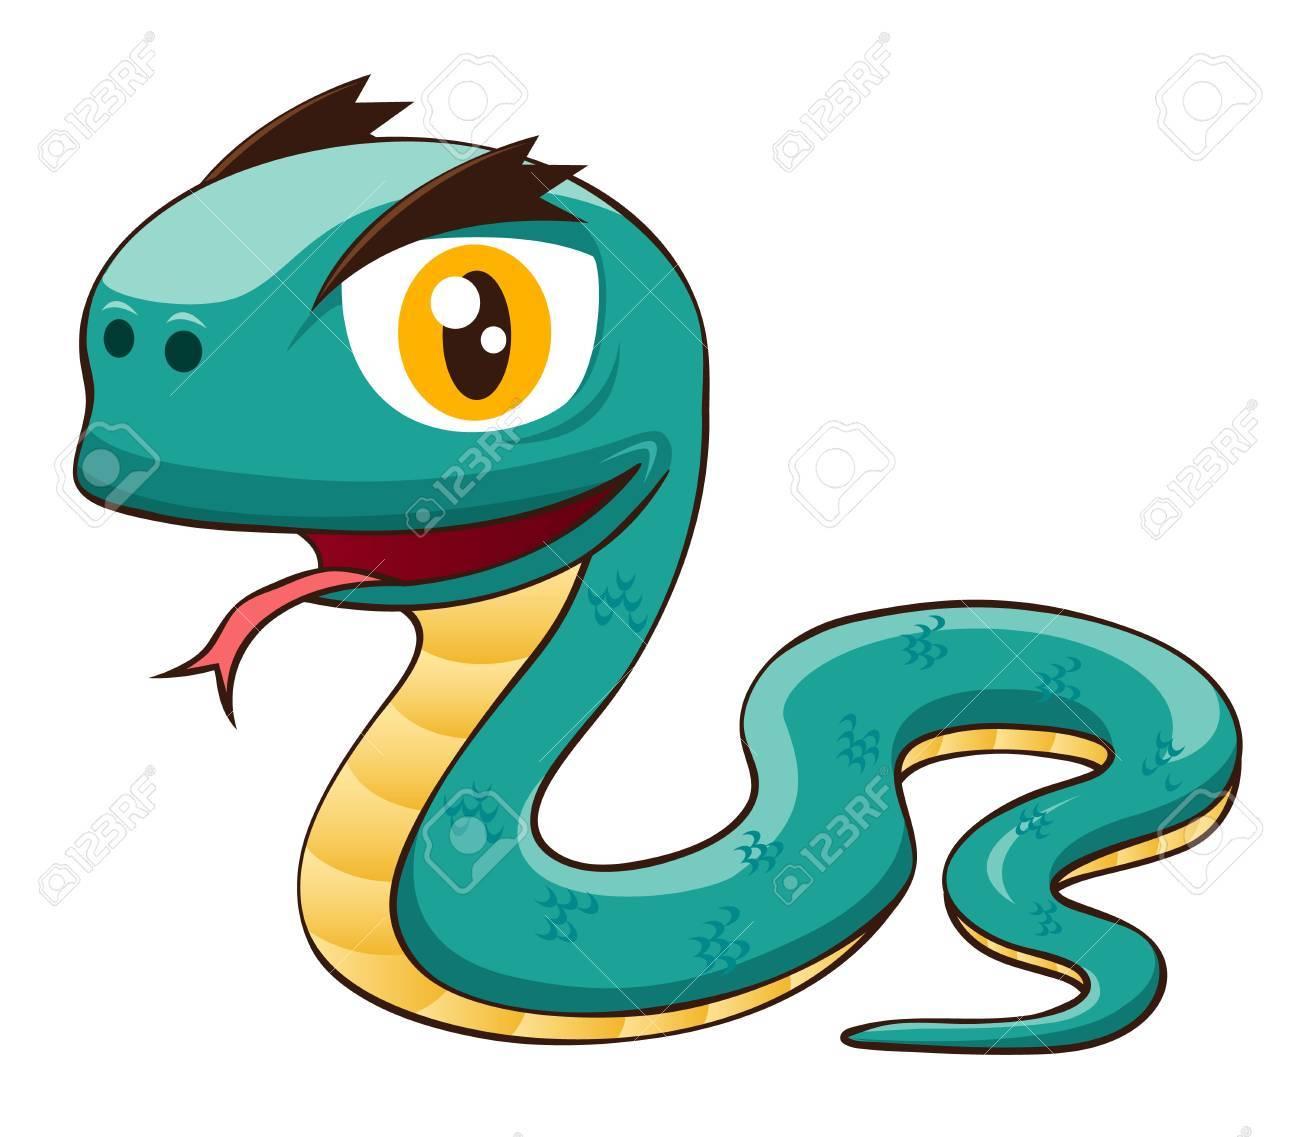 illustration of Cartoon snake Stock Vector - 15695887